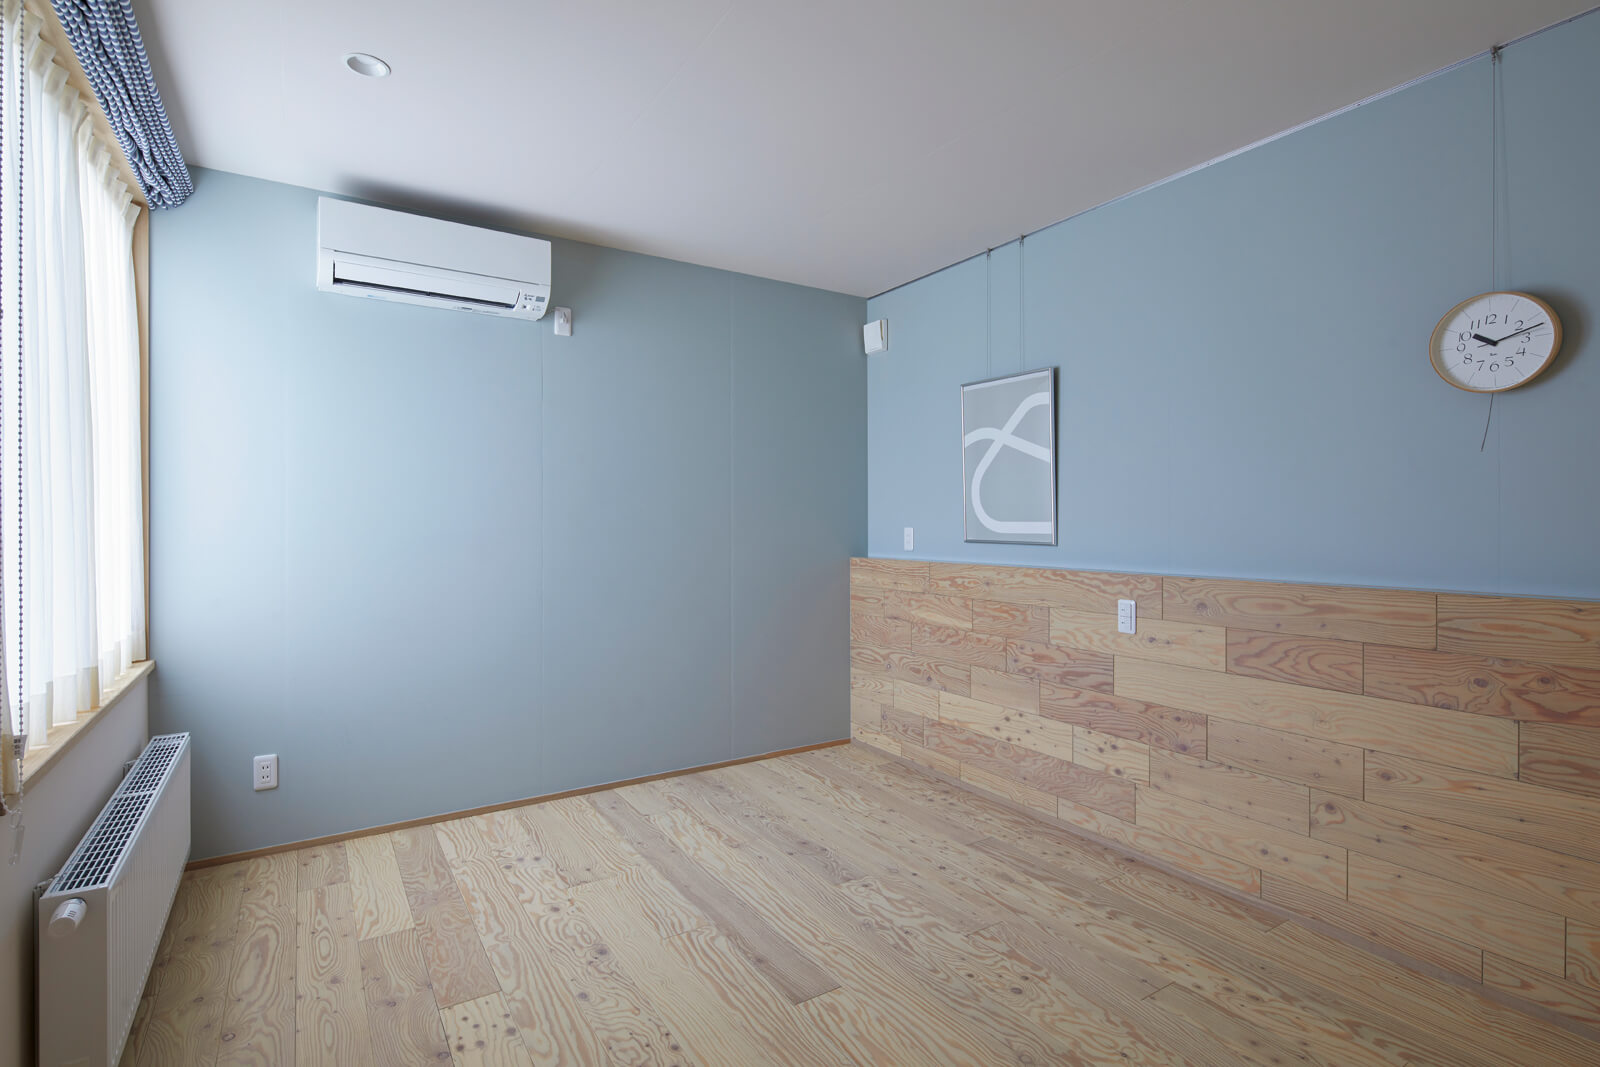 2階の寝室は無垢材の腰壁が印象的。子どもの成長に合わせて、ゆくゆくはベッドを置く予定